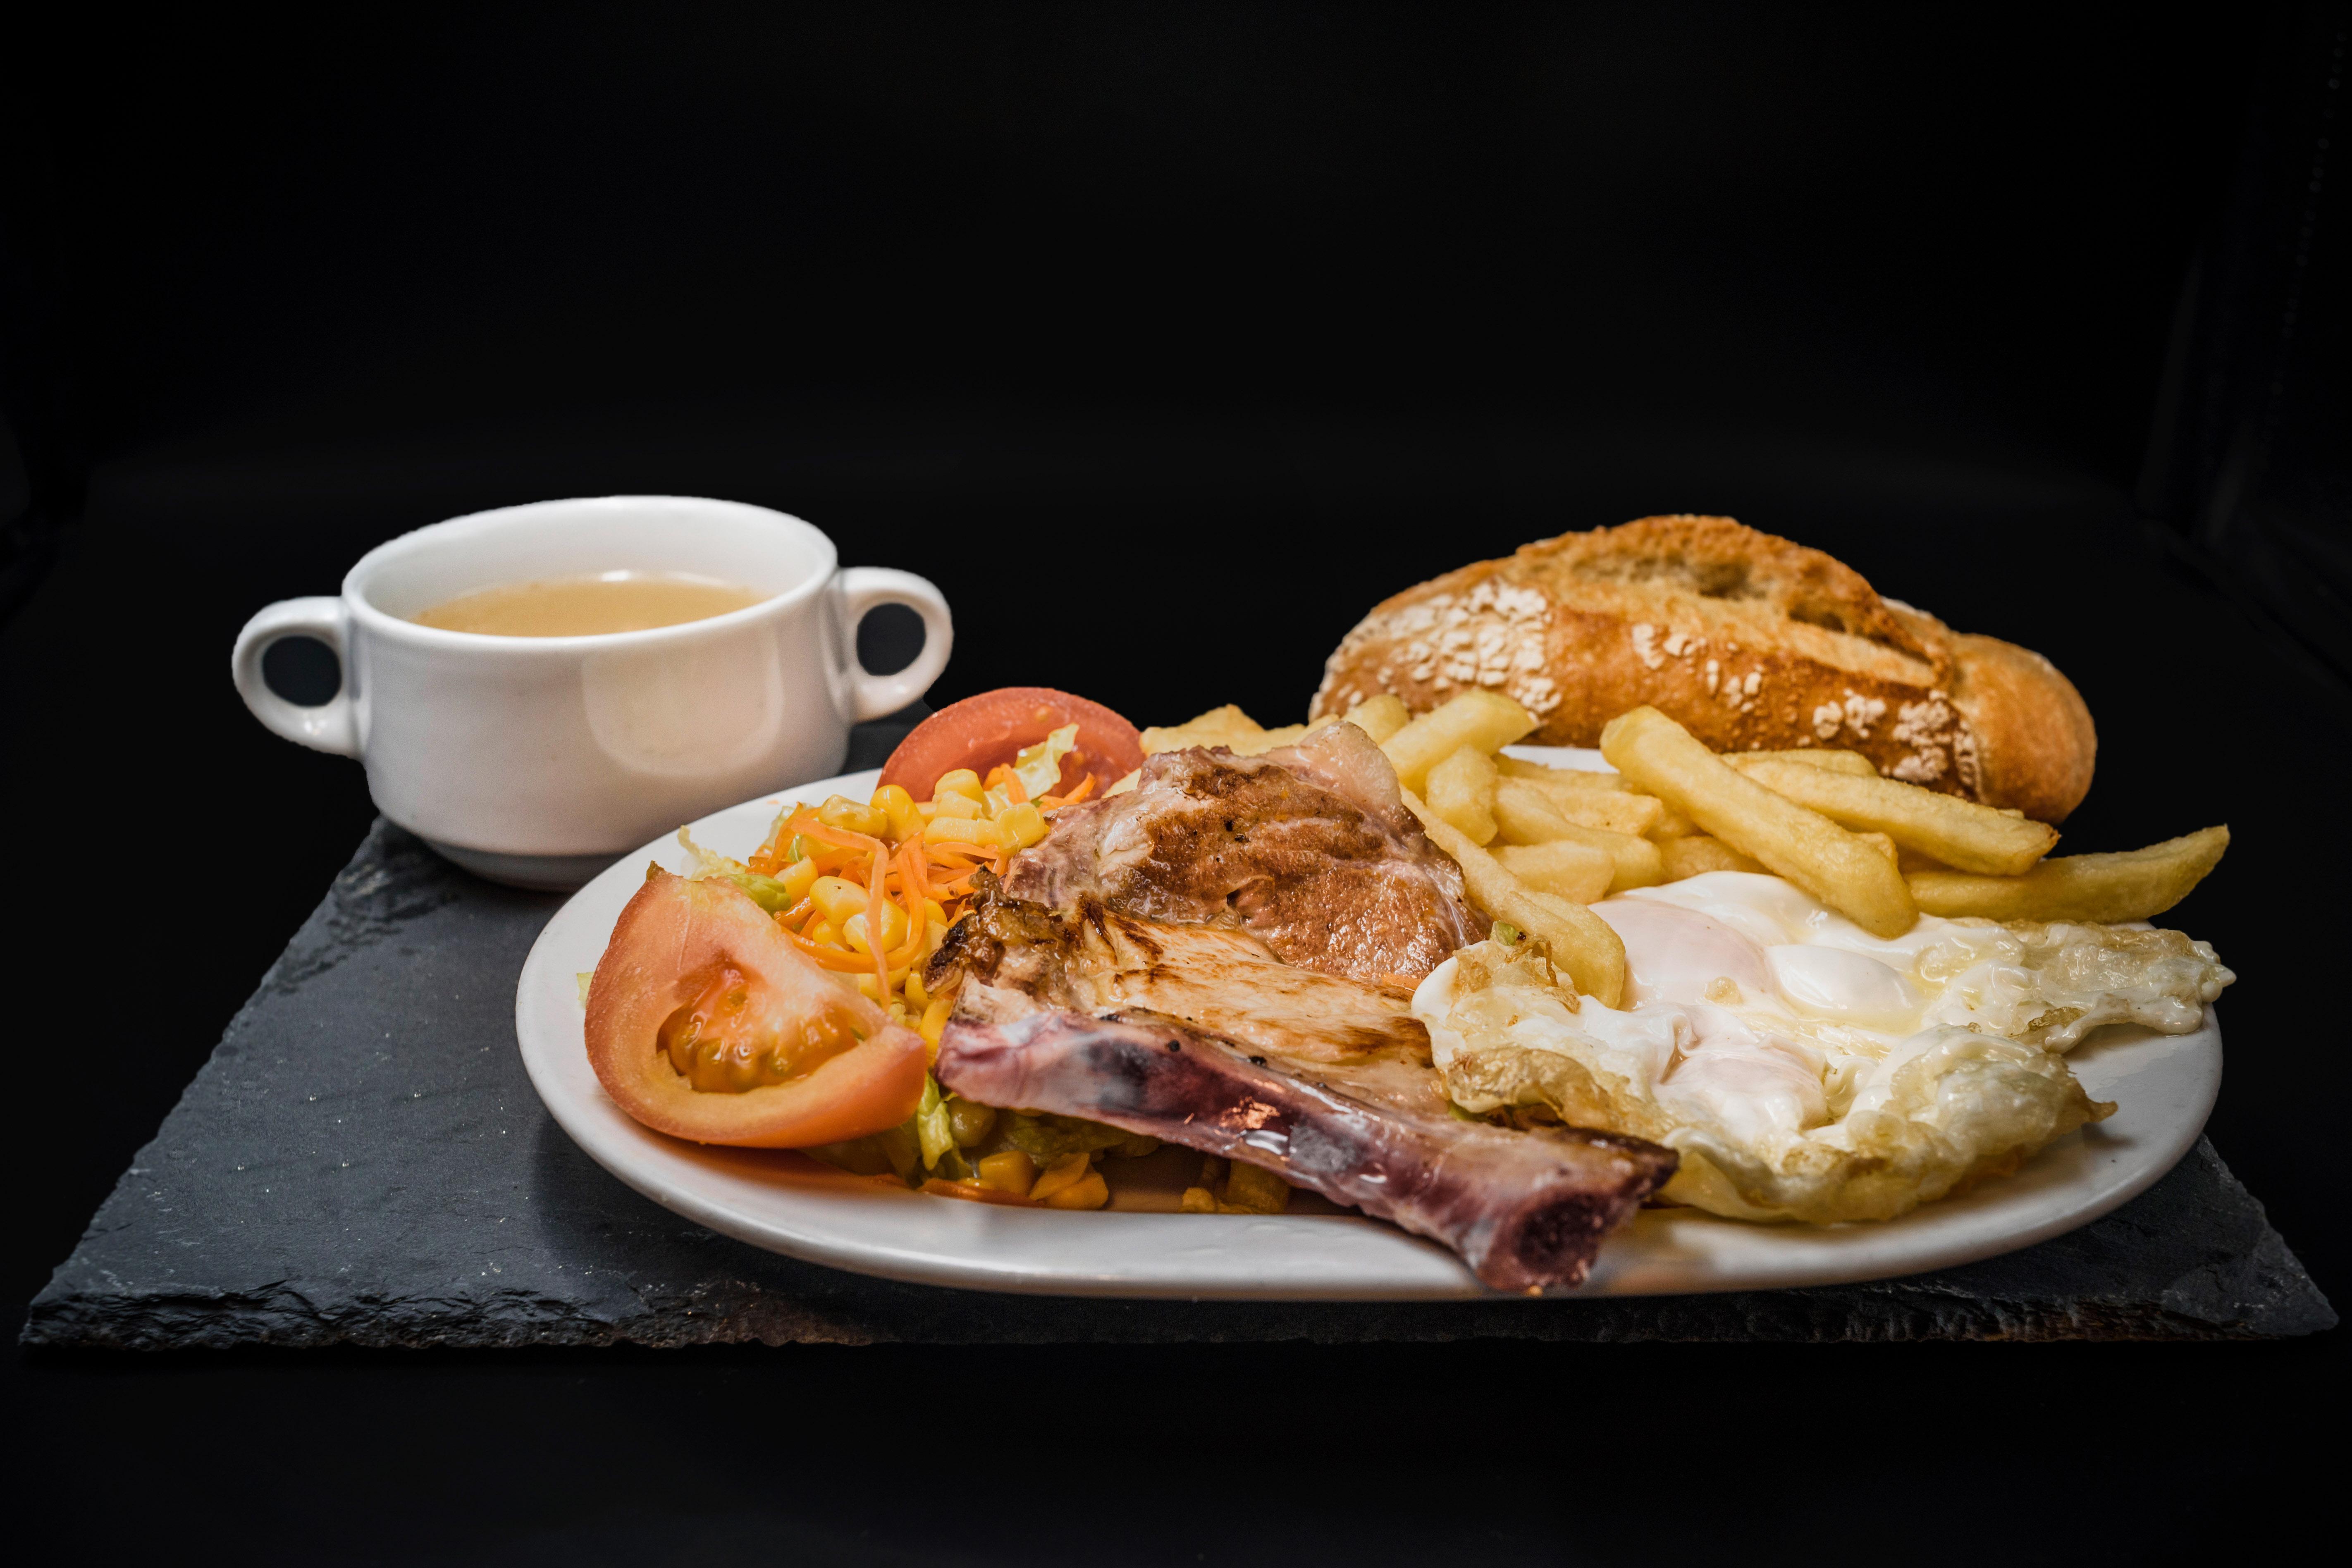 Plato Combinado Consomé, Chuleta Cerdo Plancha, Huevos Fritos, Patatas y Ensalada. Restaurante Museo del Jamón de Alcorcón